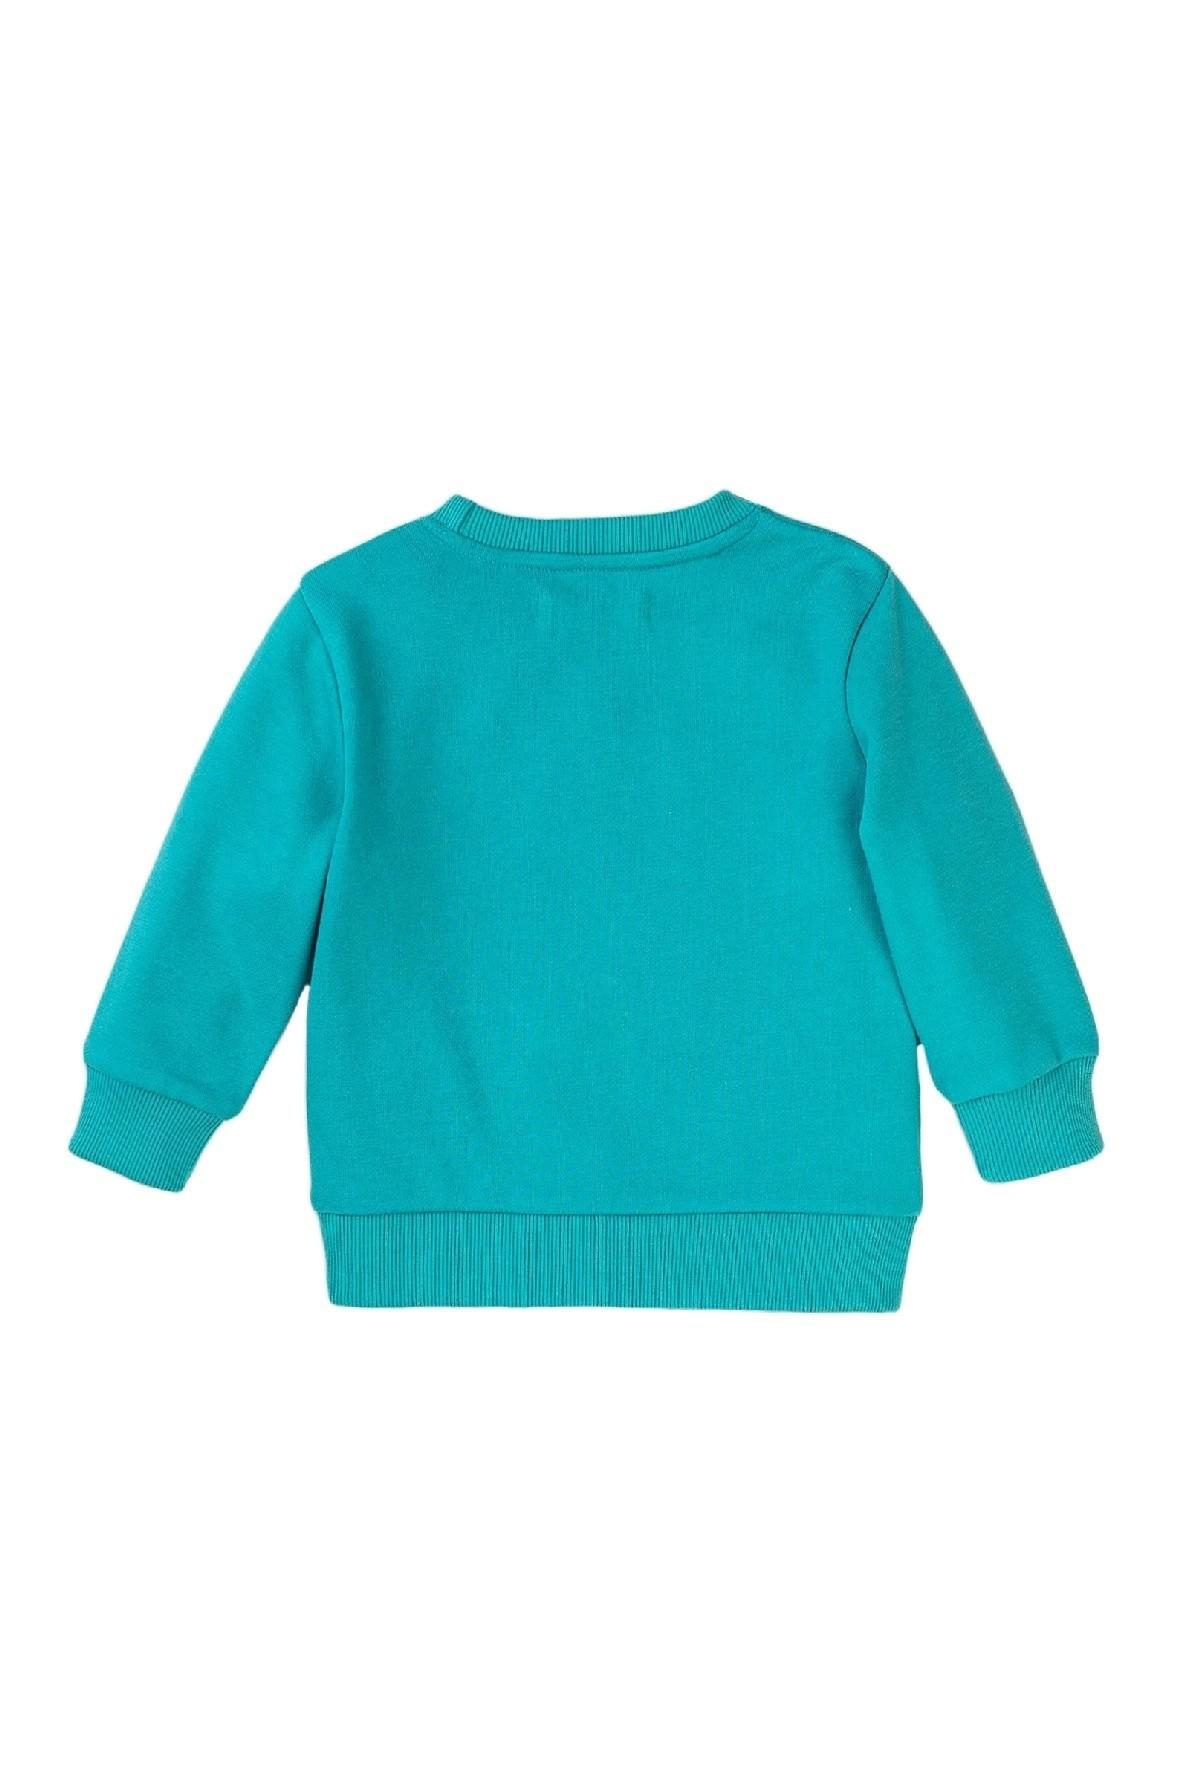 Bluza dresowa chłopięca turkusowa